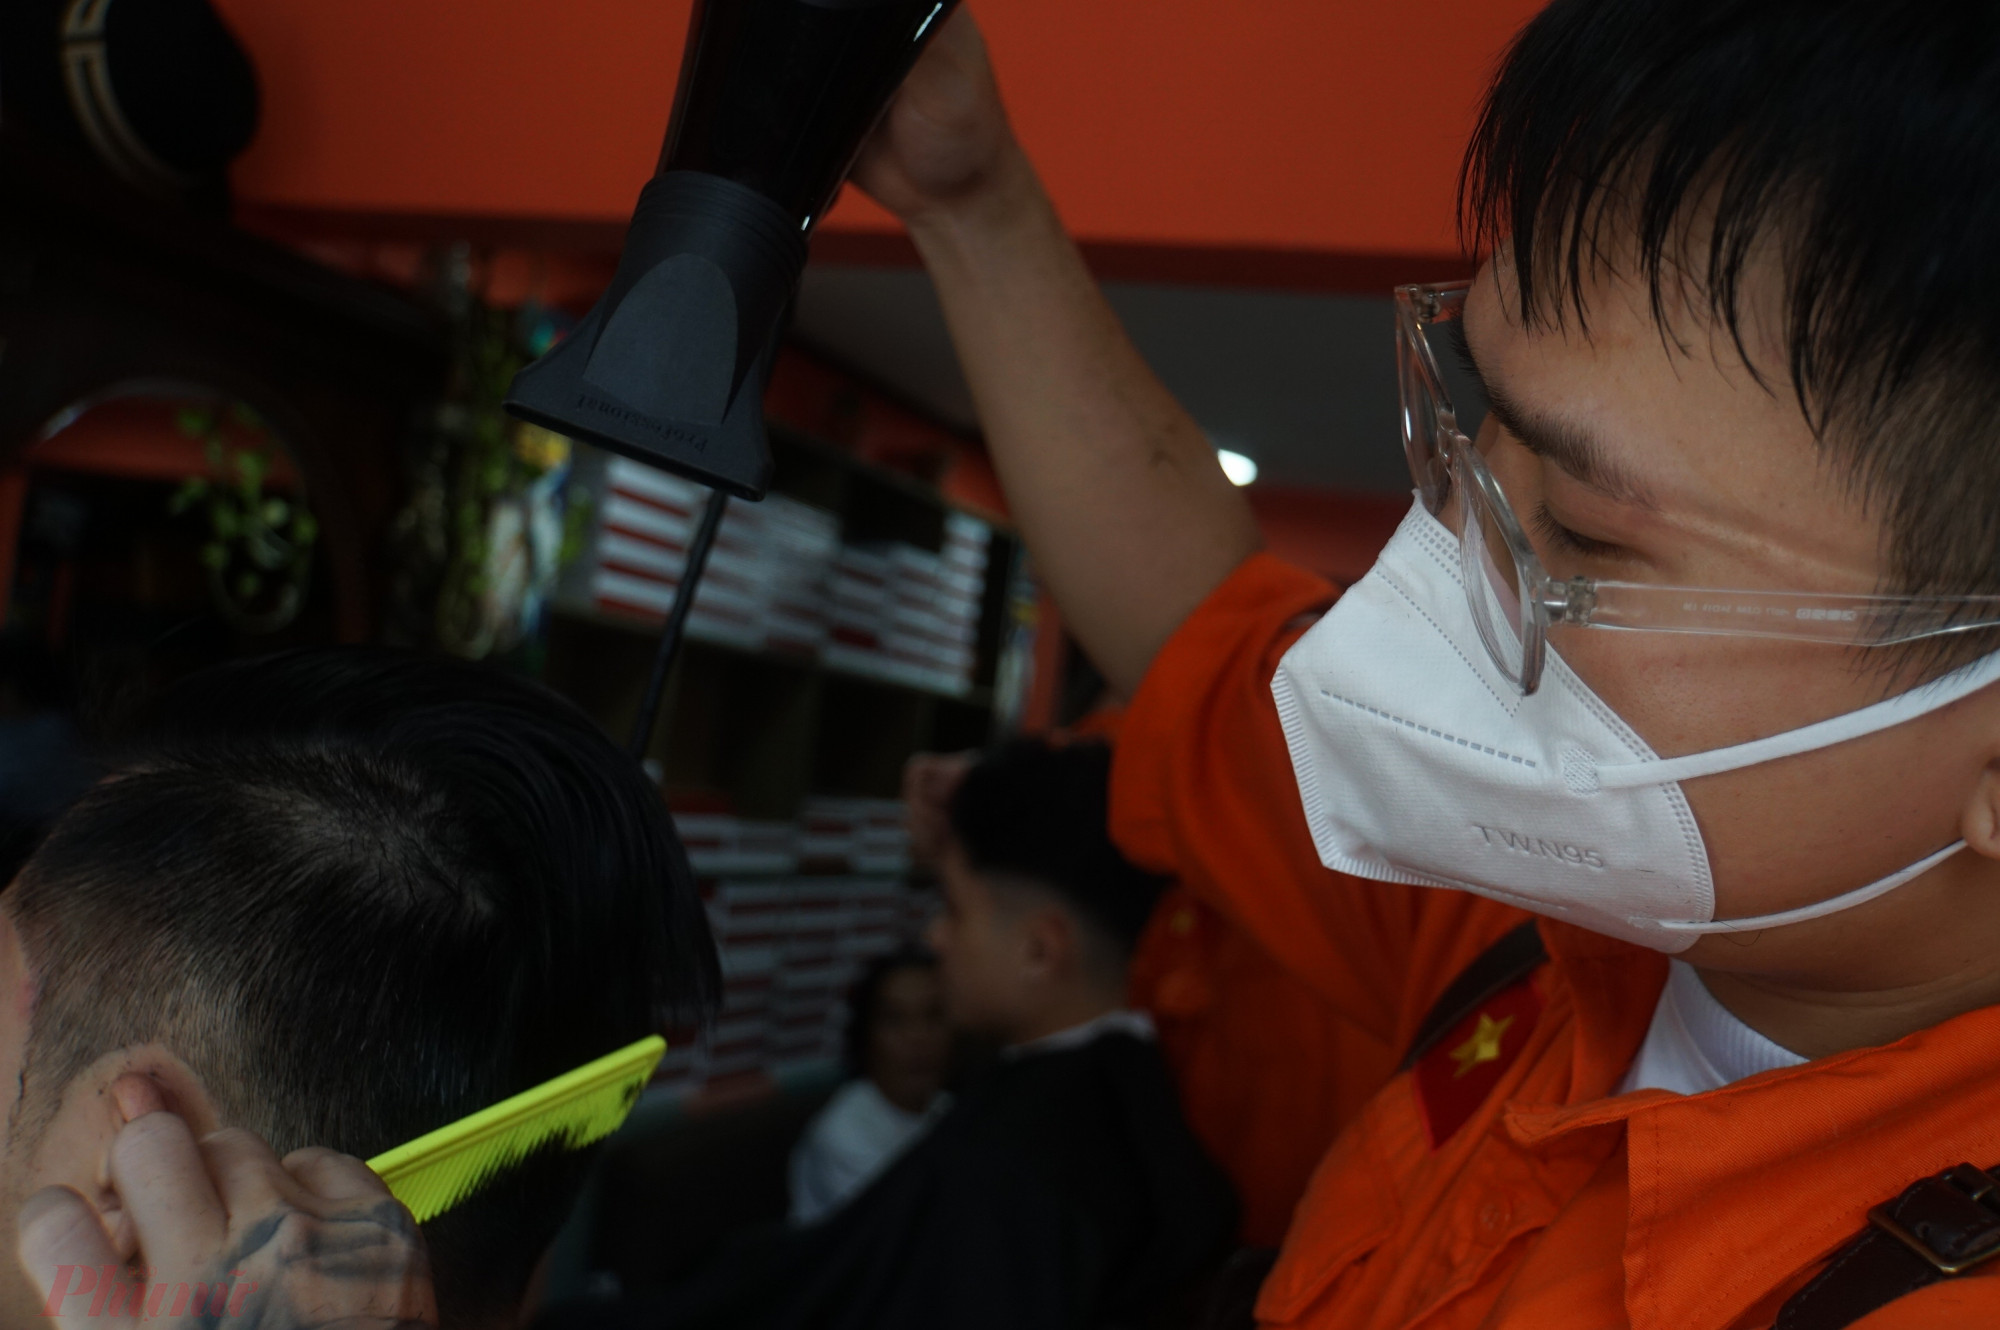 2 nhân viên tiệm cắt tóc đều mang khẩu trang để đảm bảo chống dịch, sau khi hoàn thành, cả người cắt lẫn khách cũng cẩn thận xịt rửa tay